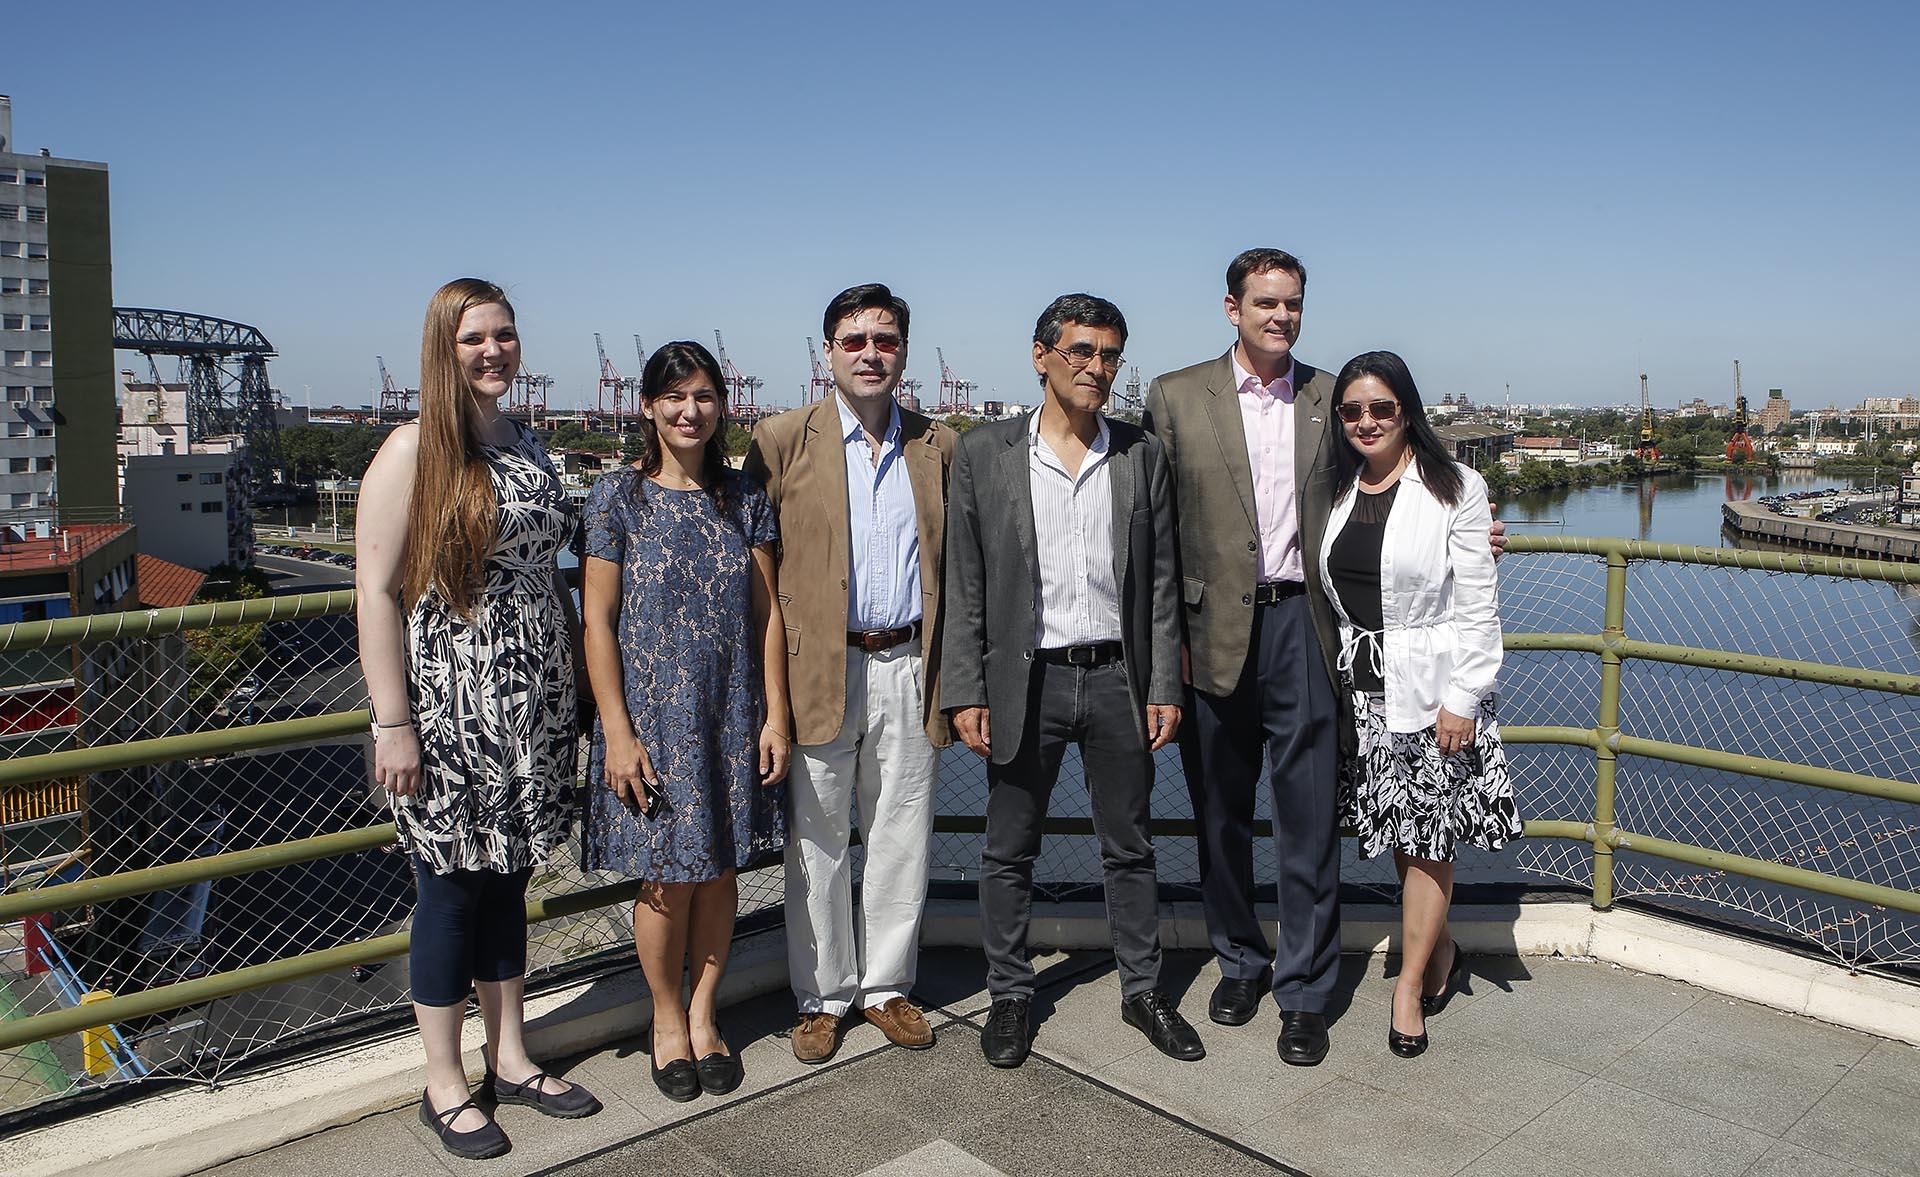 Tom Cooney, embajador interino de los Estados Unidos en Buenos Aires junto a su esposa Debora, el director del Museo de Bellas Artes Benito Quinquela Martín Víctor Fernández y autoridades del museo